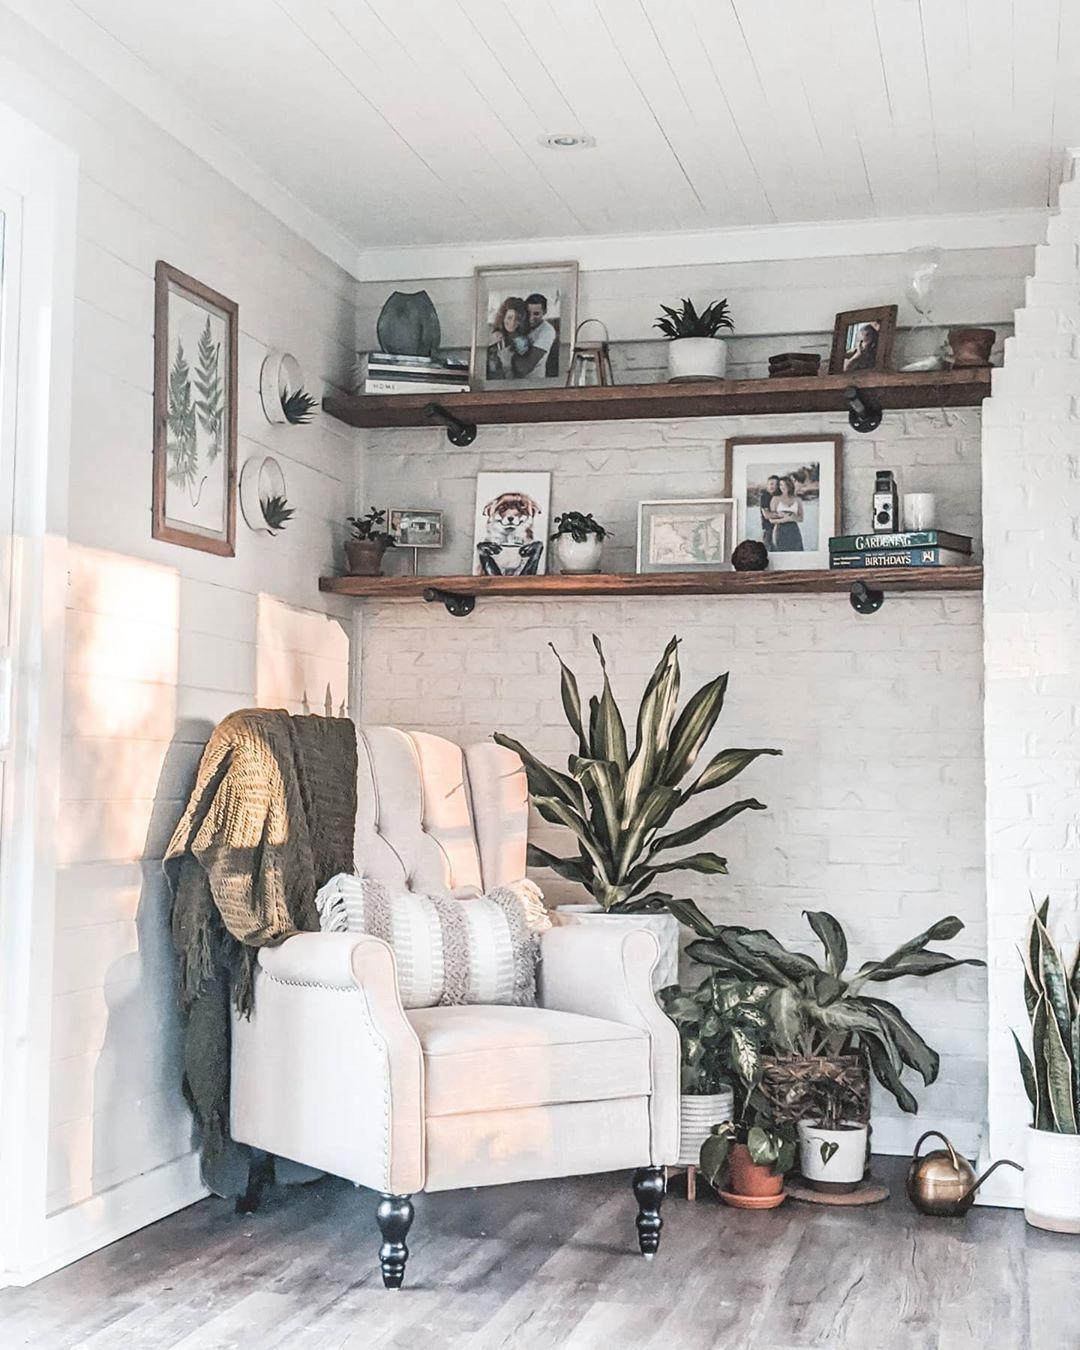 #home #homedecor #plantdecor #plants #decor #shelfdecor #shelfstyle #allwhite #target #homegoods #amazonhome #amazon #recliner #stylishrecliner #